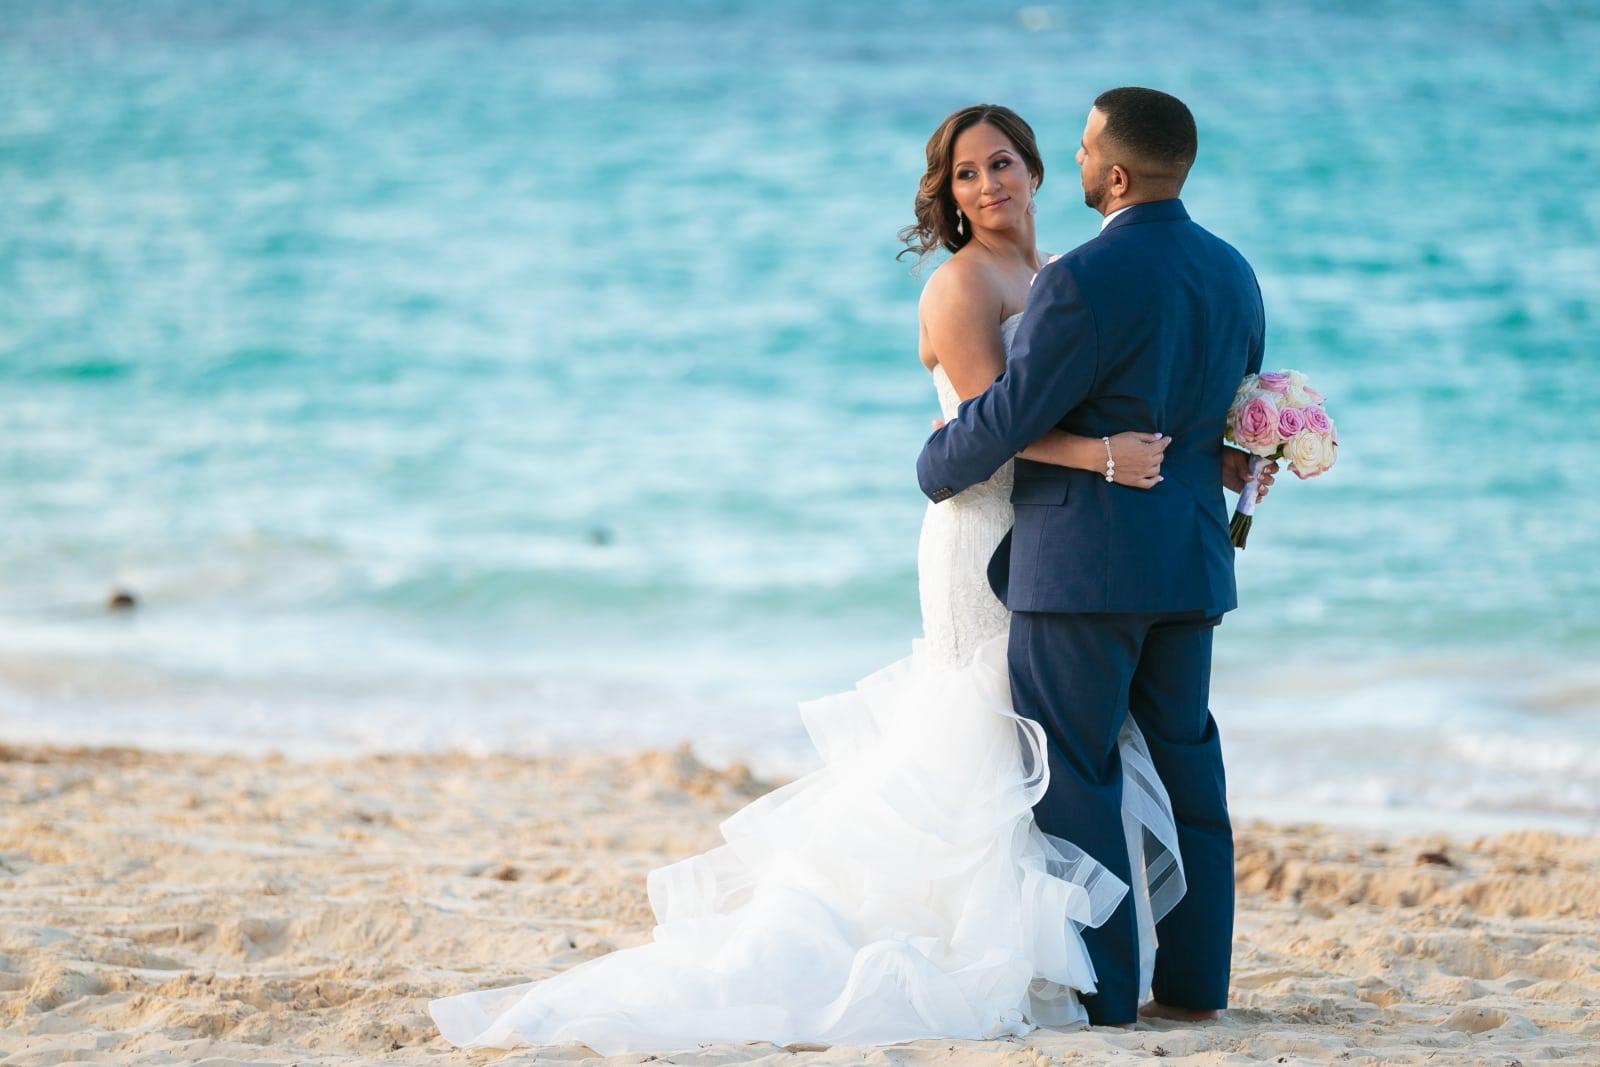 Destination Wedding Details | The #1 Destination Wedding Blog